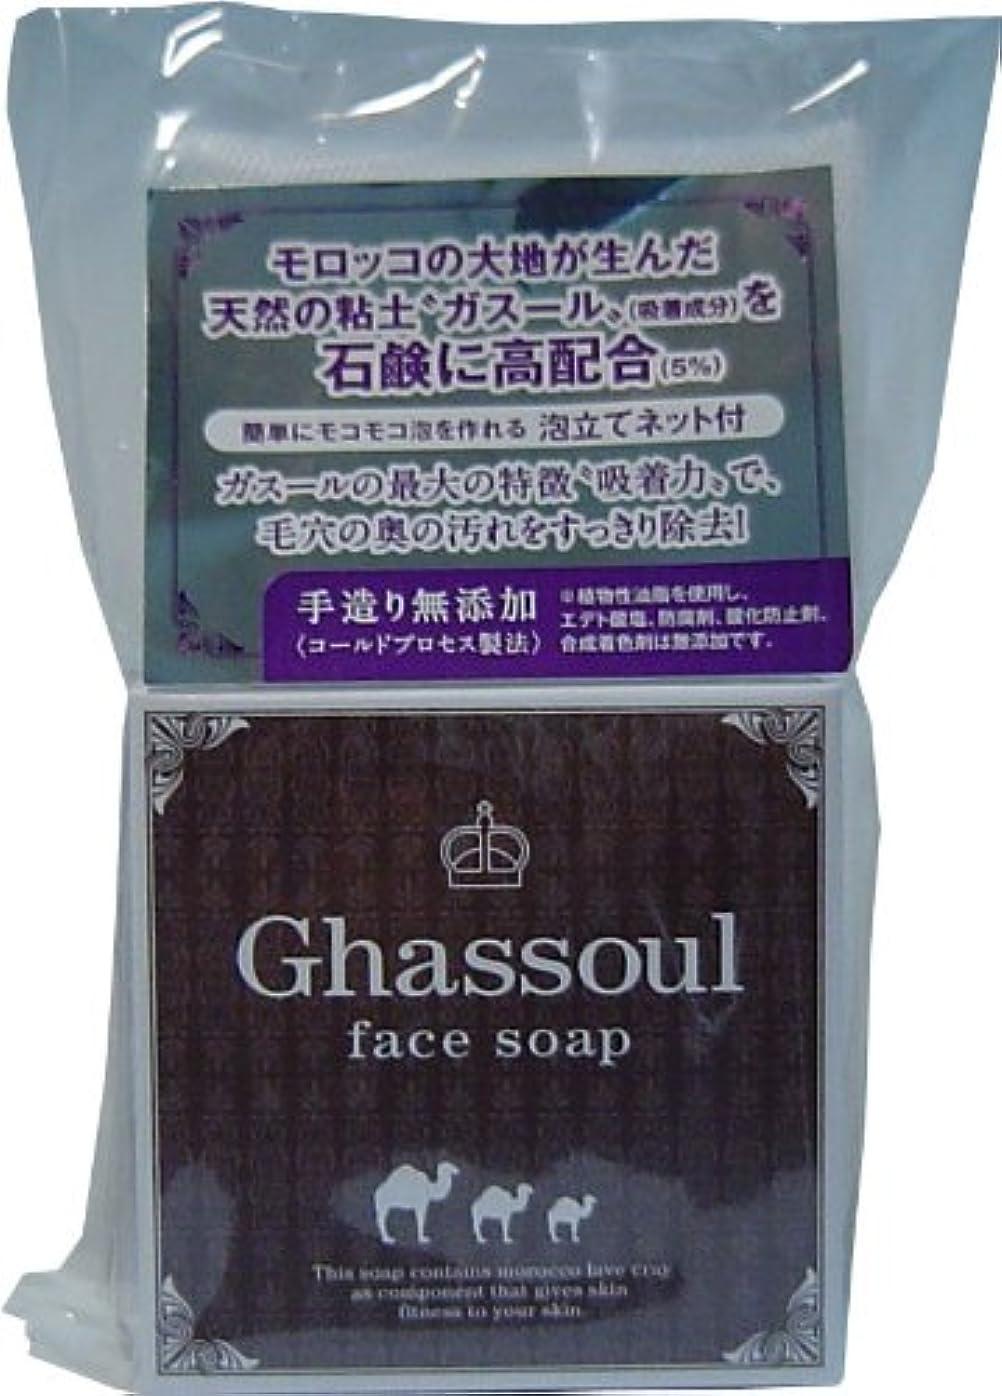 付けるカートリッジ岩Ghassoul face soap ガスールフェイスソープ 100g「4点セット」